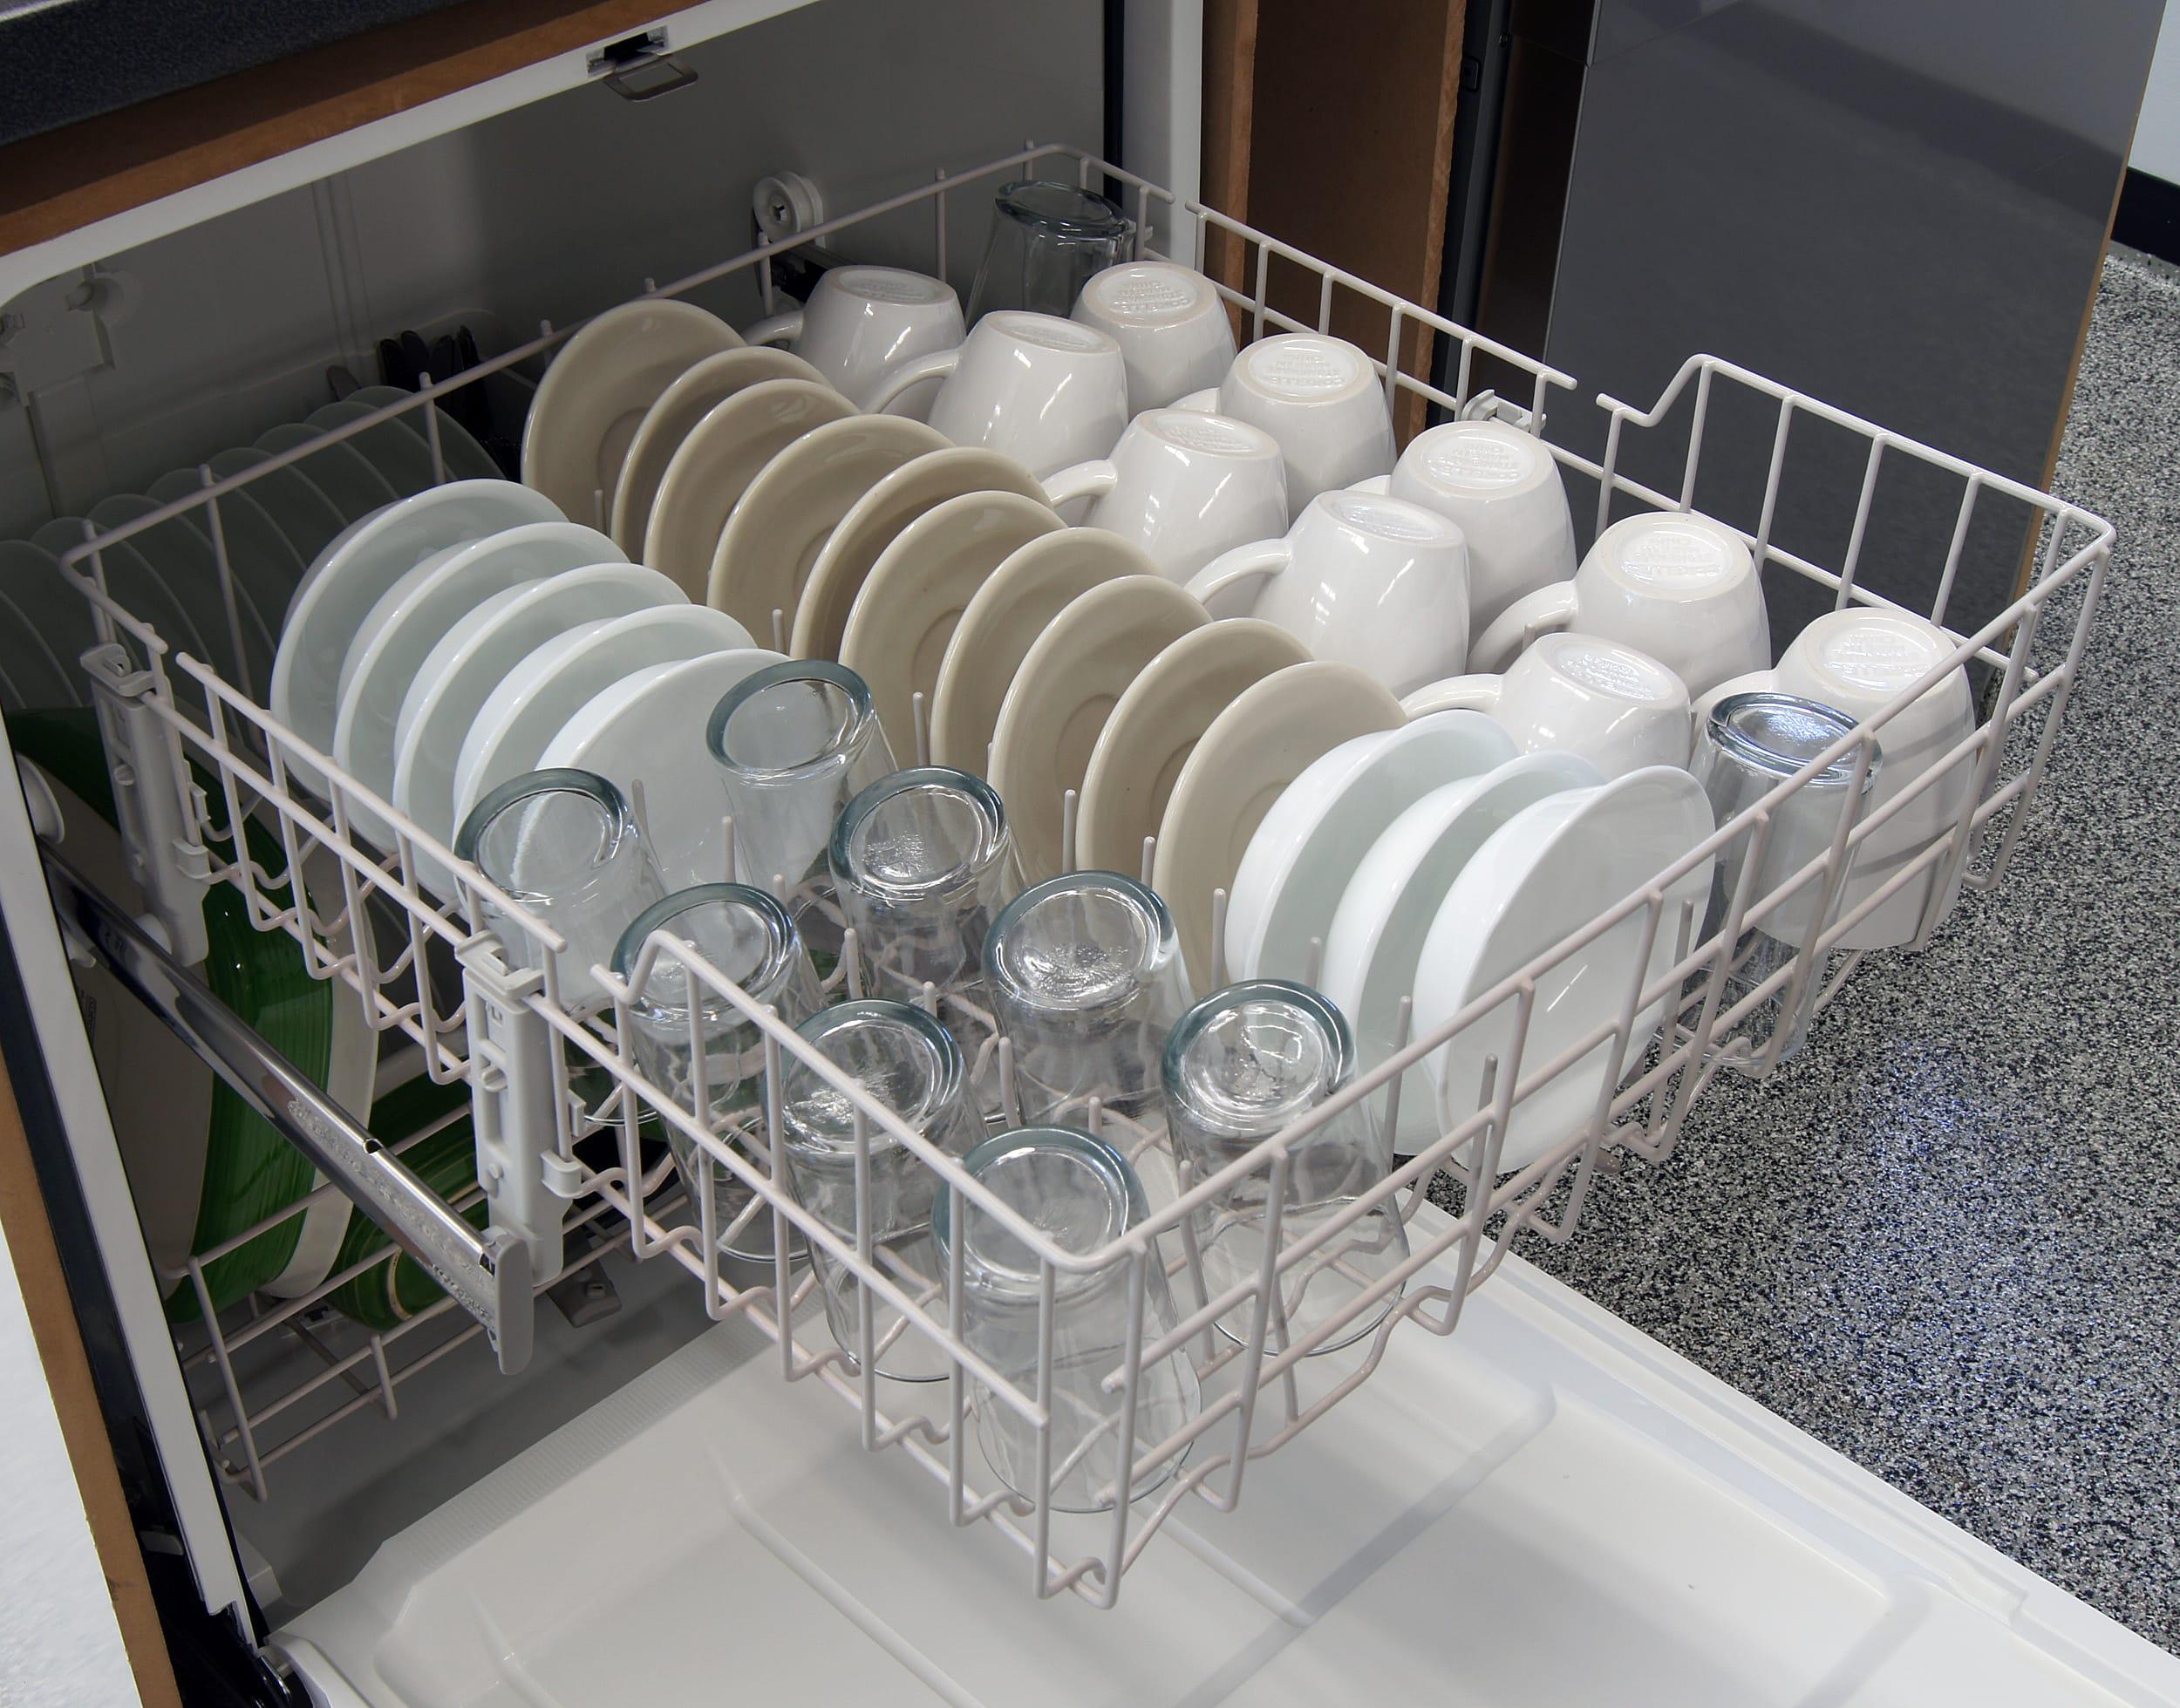 Whirlpool WDF310PAAS top rack capacity